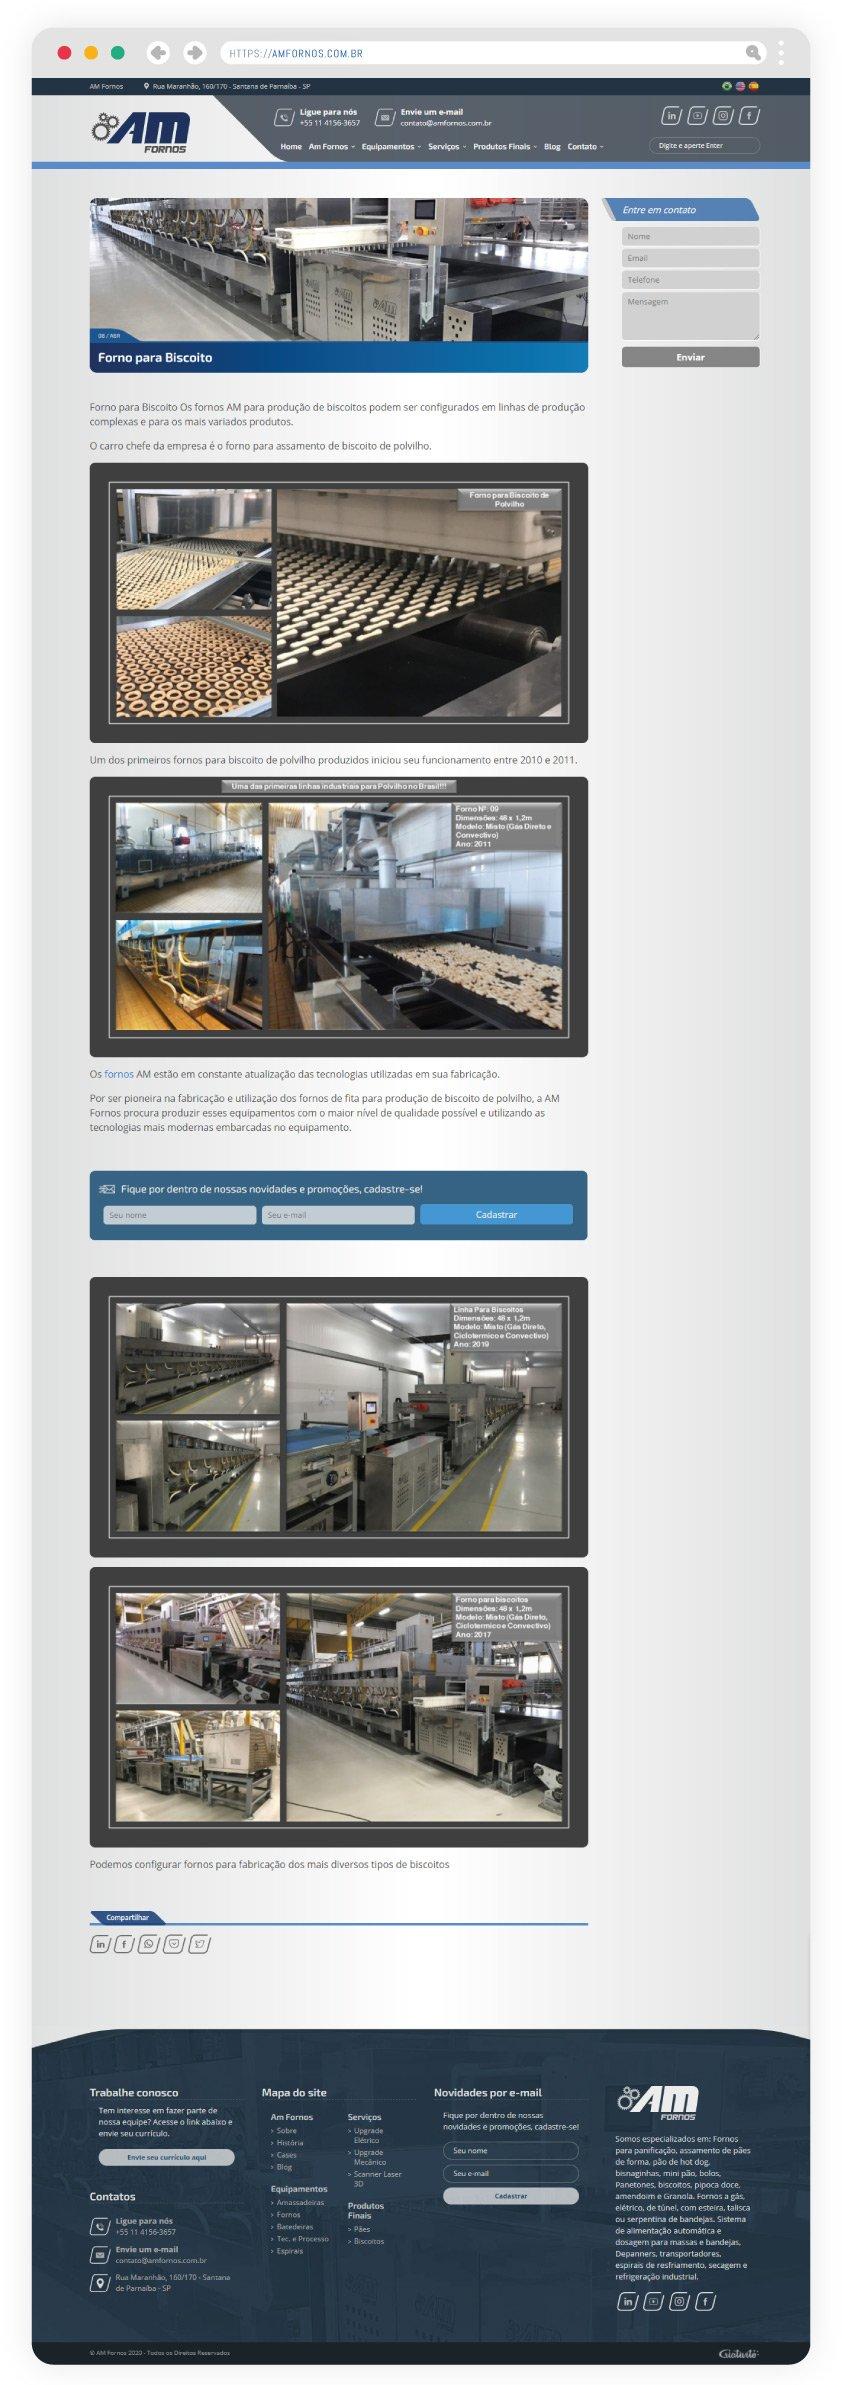 Site criado com páginas personalizadas que apresentam suporte a citações, galerias, vídeos, tabelas e mais.